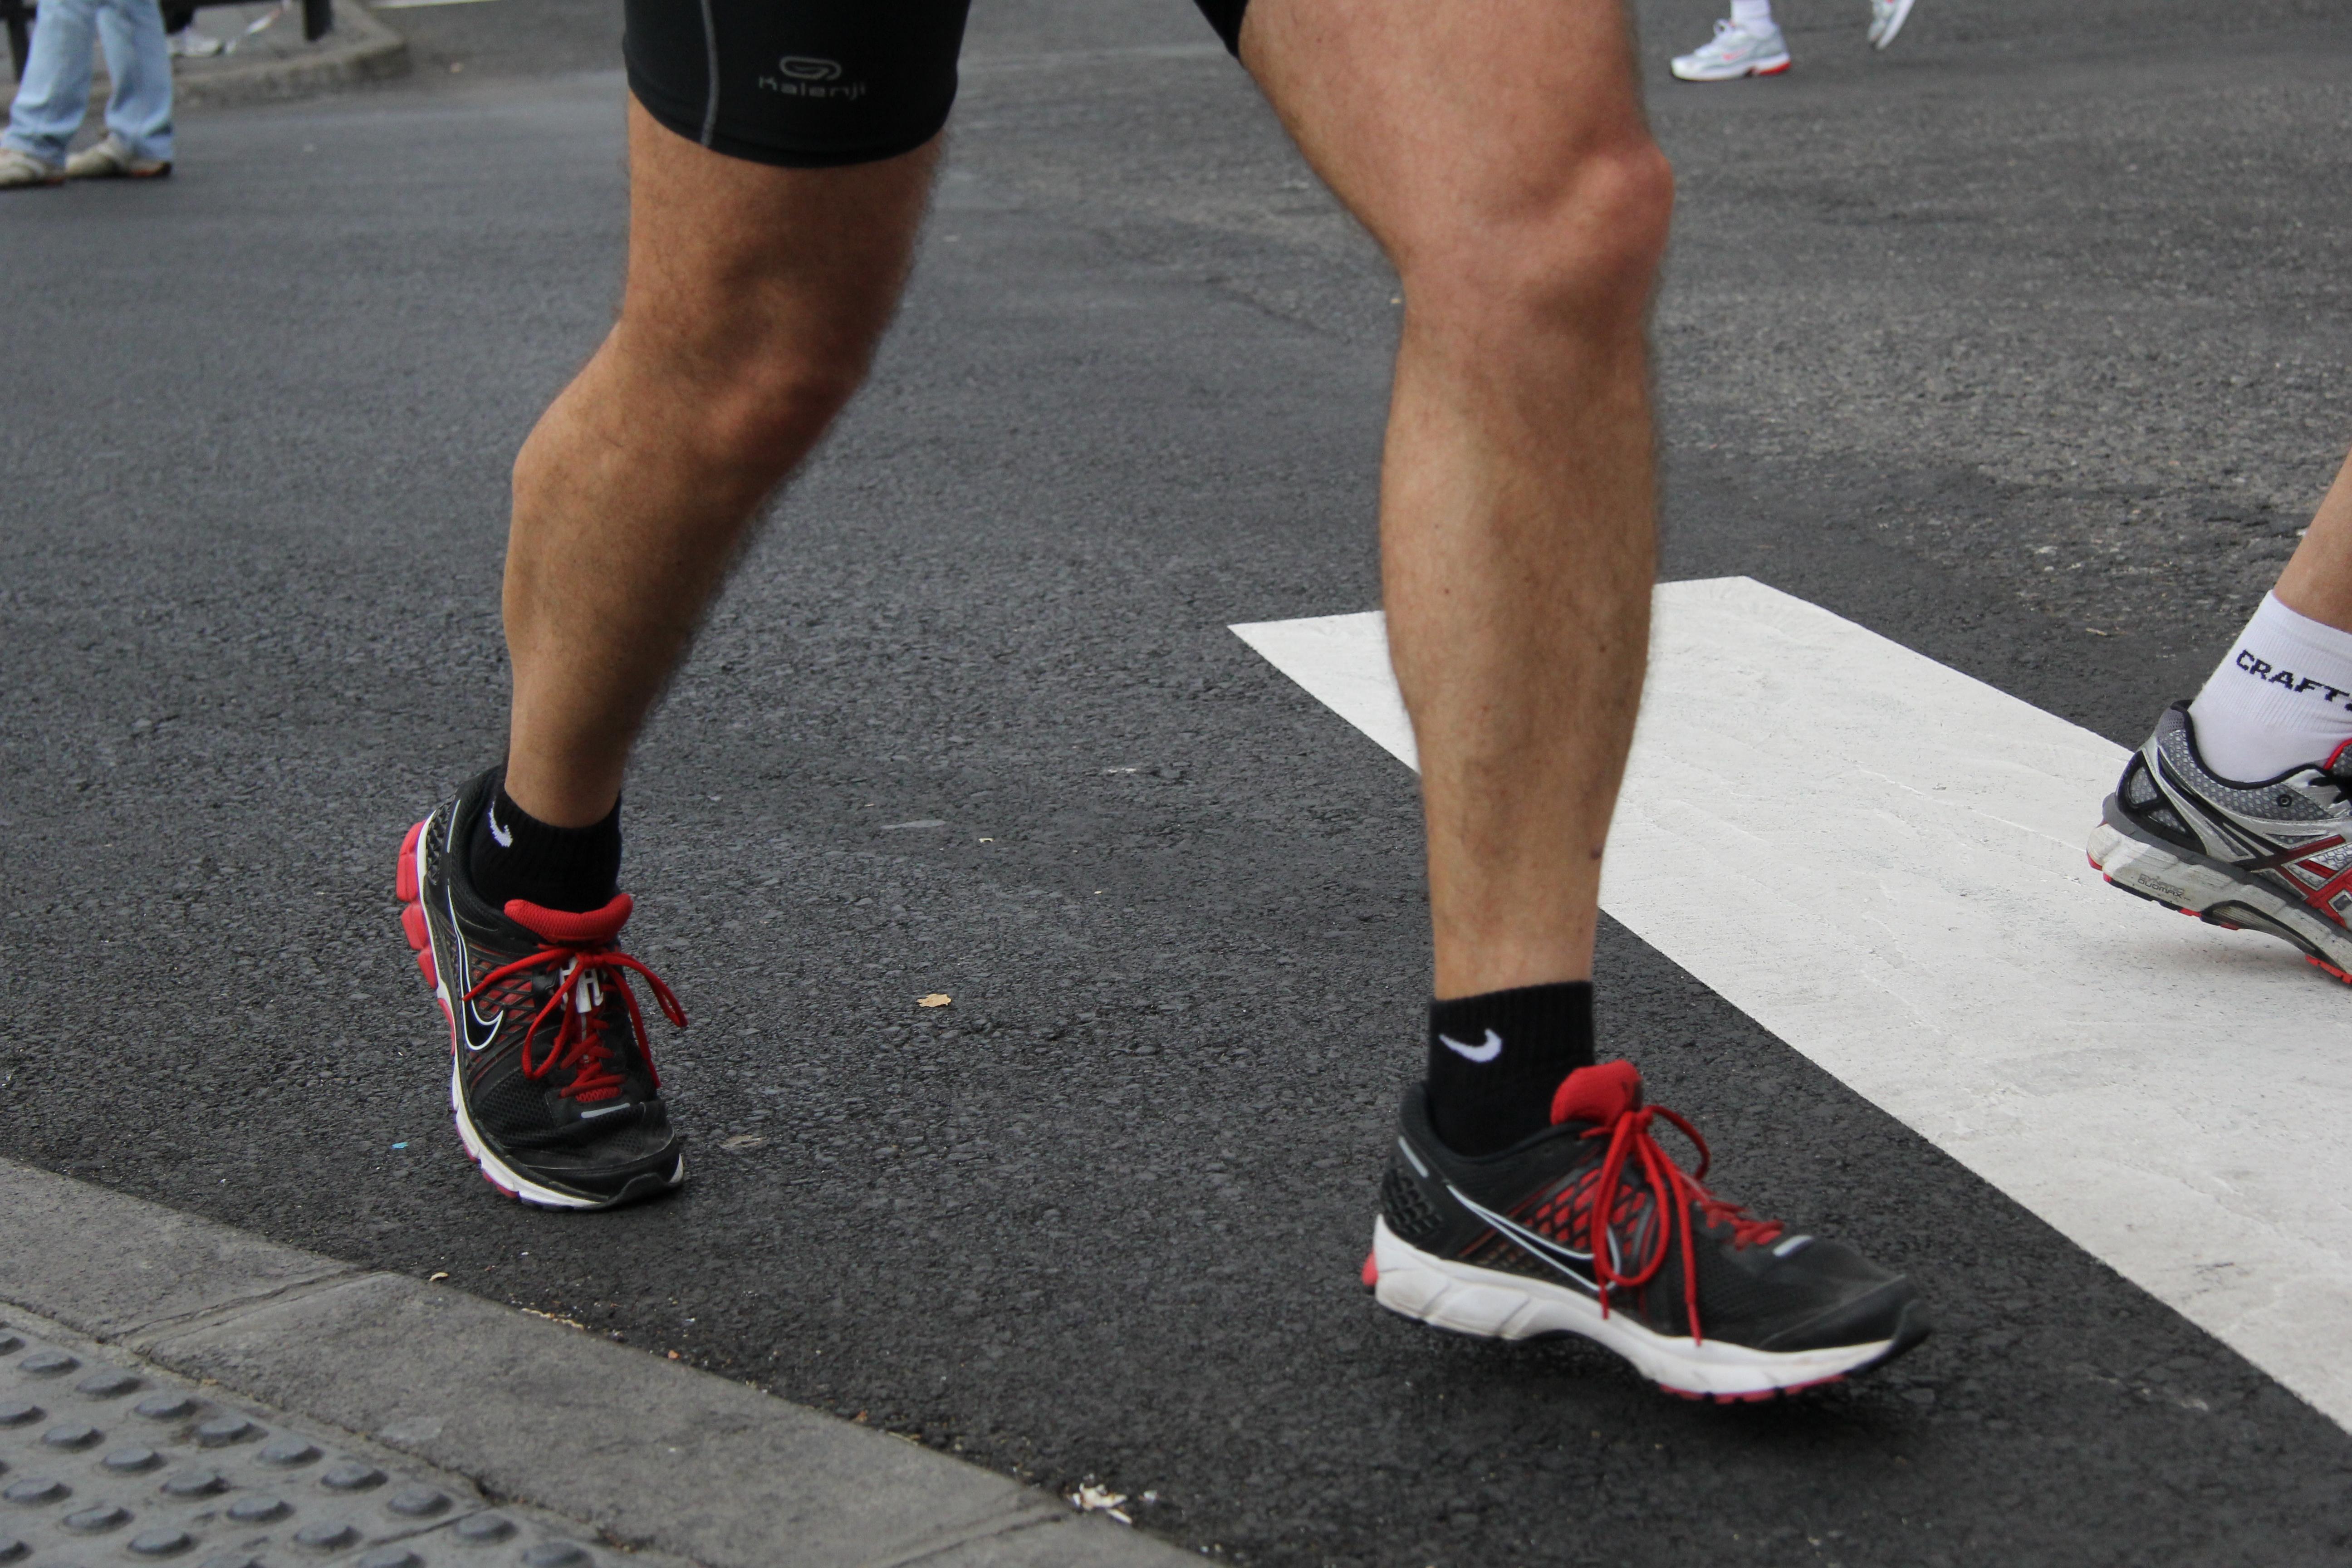 ジョギングするためのシューズのオススメポイント